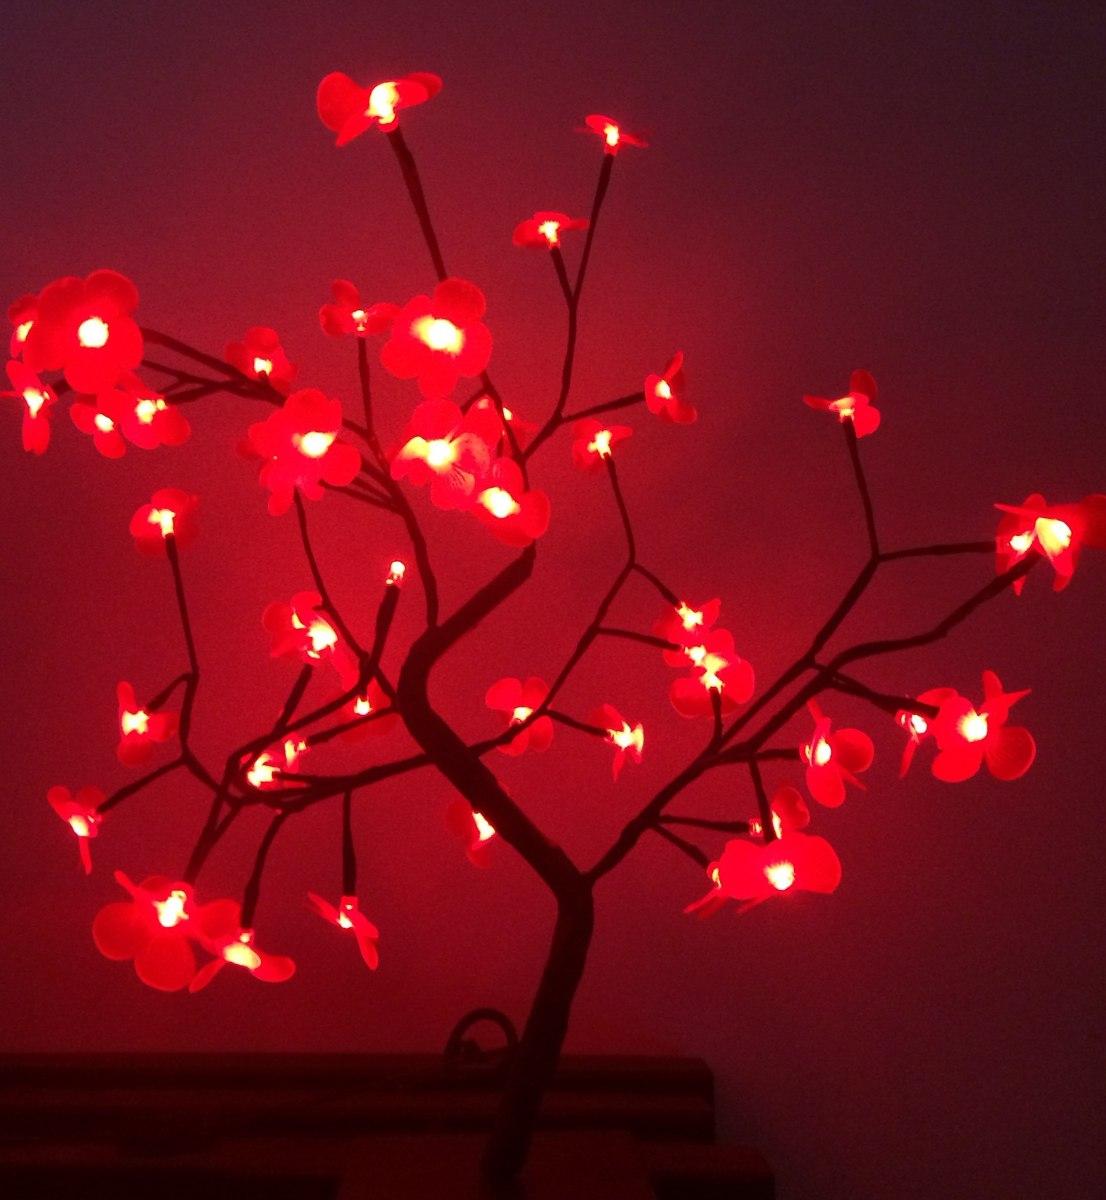 decoracao arvore de natal vermelha:Árvore Natal Decorativa Led Flor Vermelha Alt 60 Cm S/pisca – R$ 110